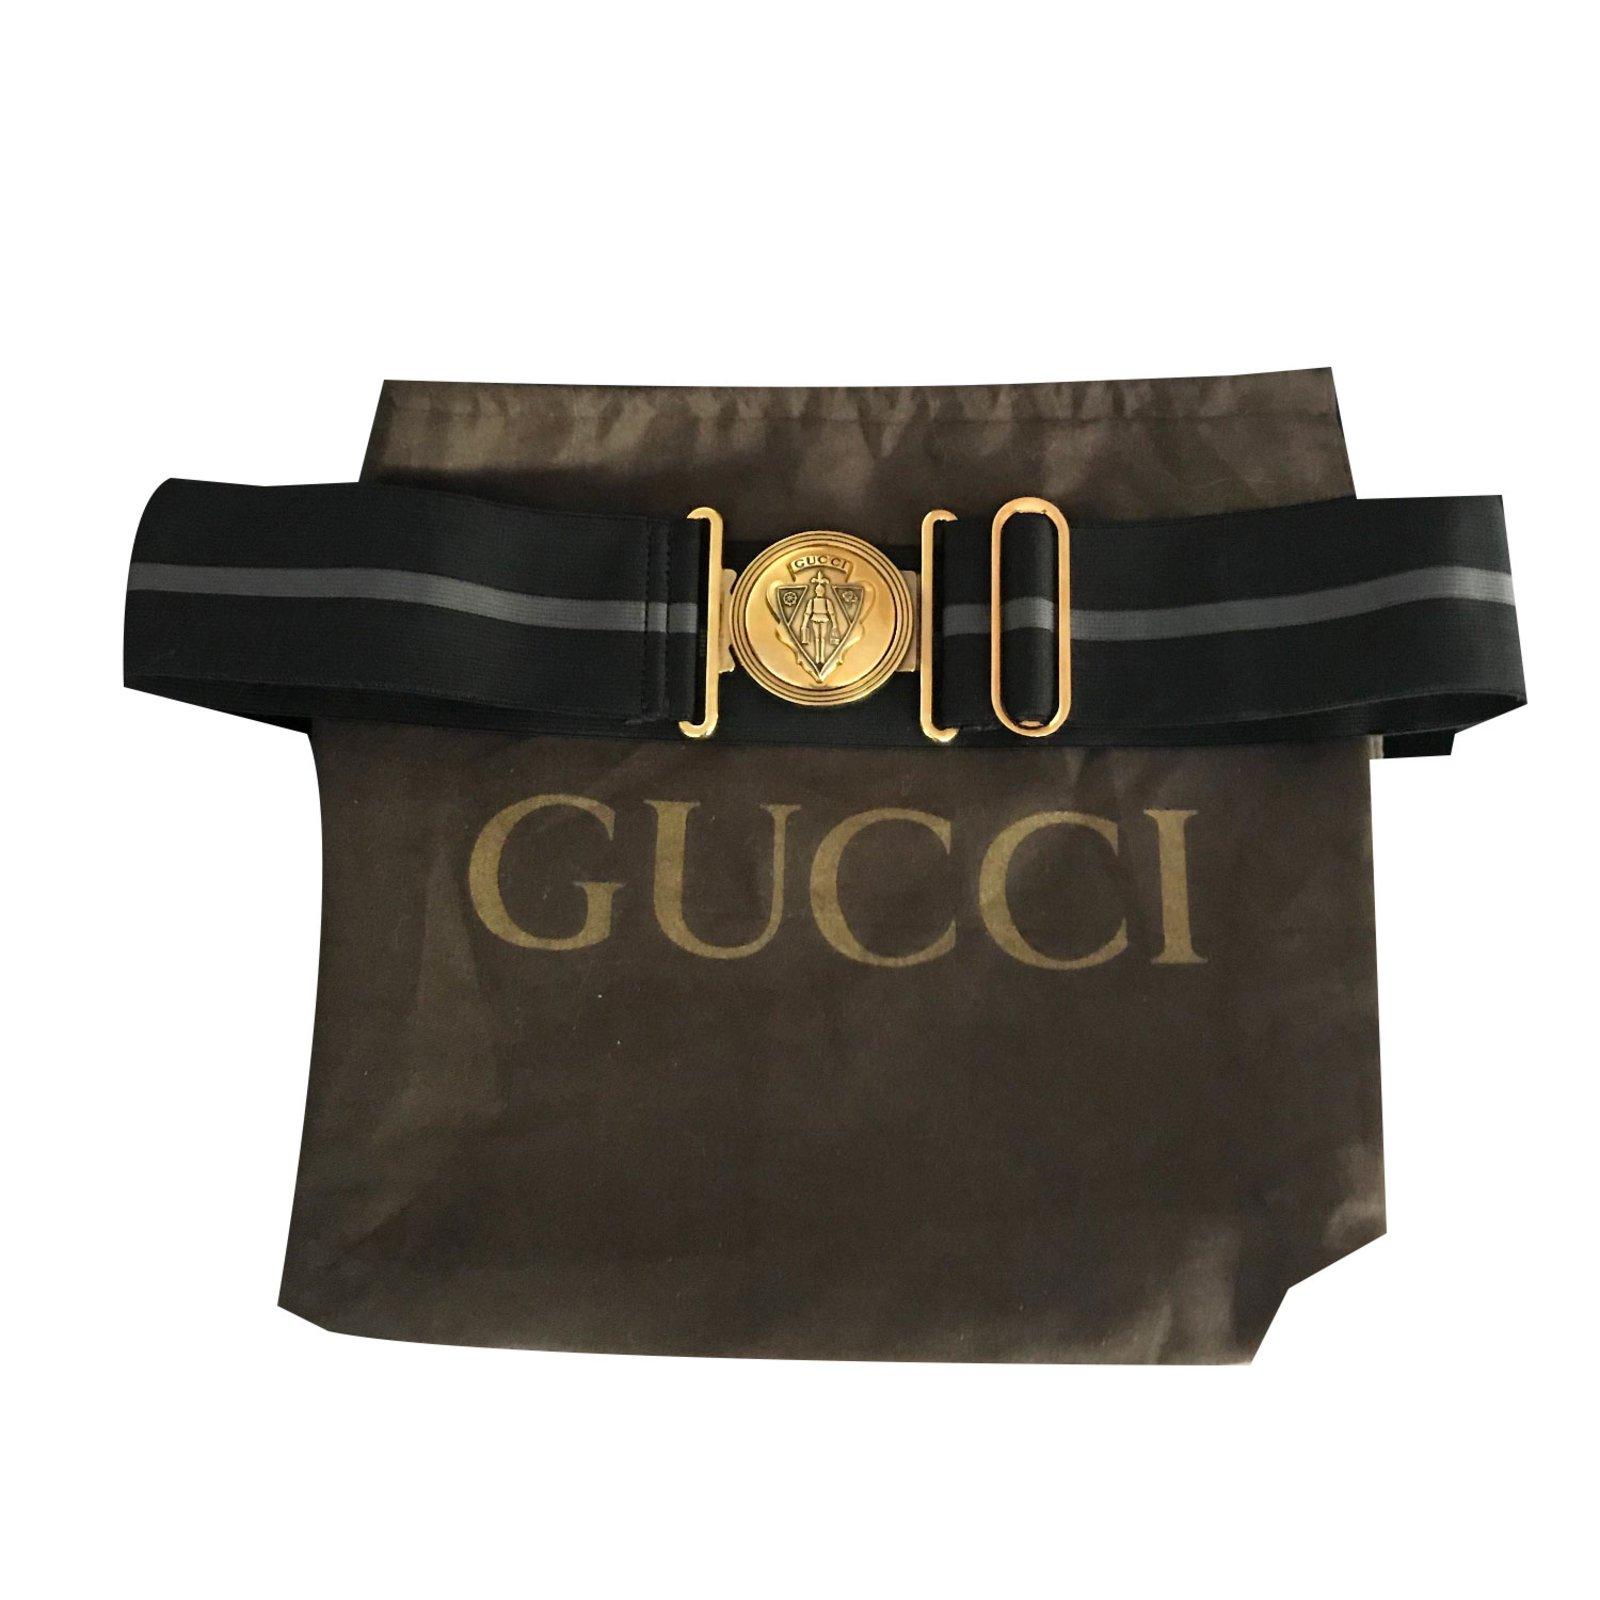 Ceintures Gucci Ceintures Toile Noir,Doré,Gris ref.79639 - Joli Closet 2a622408423